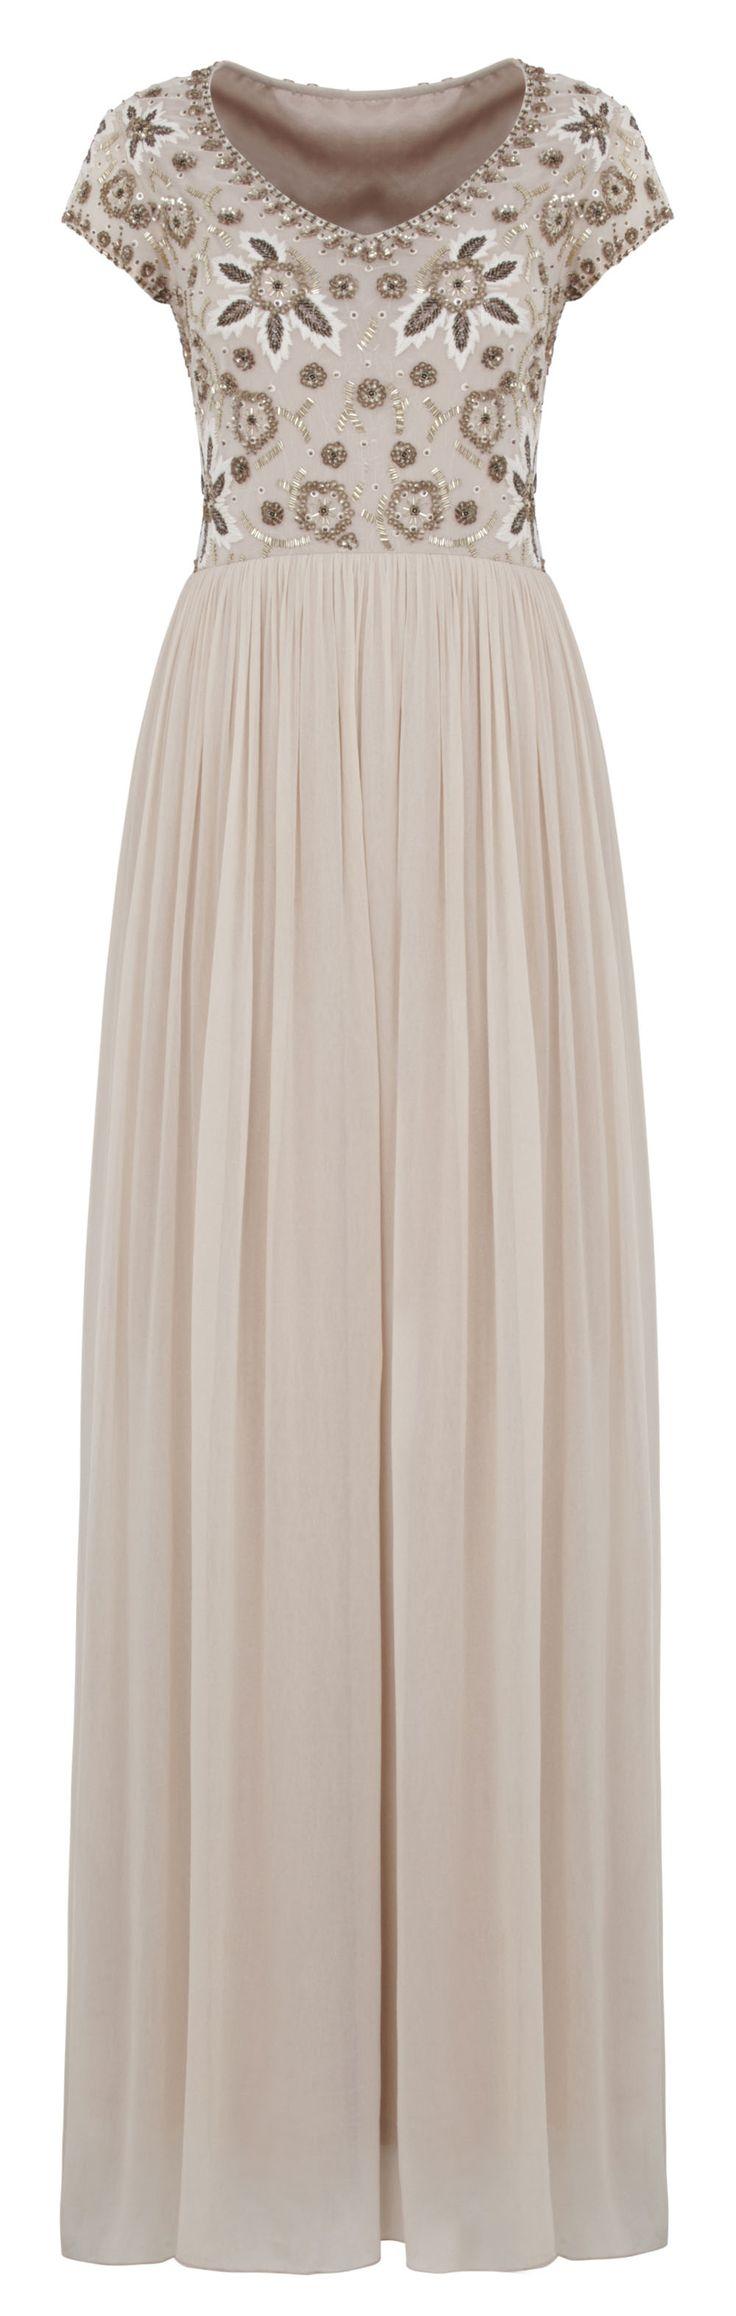 Bridal Dresses for Older Brides Wedding Dresses for